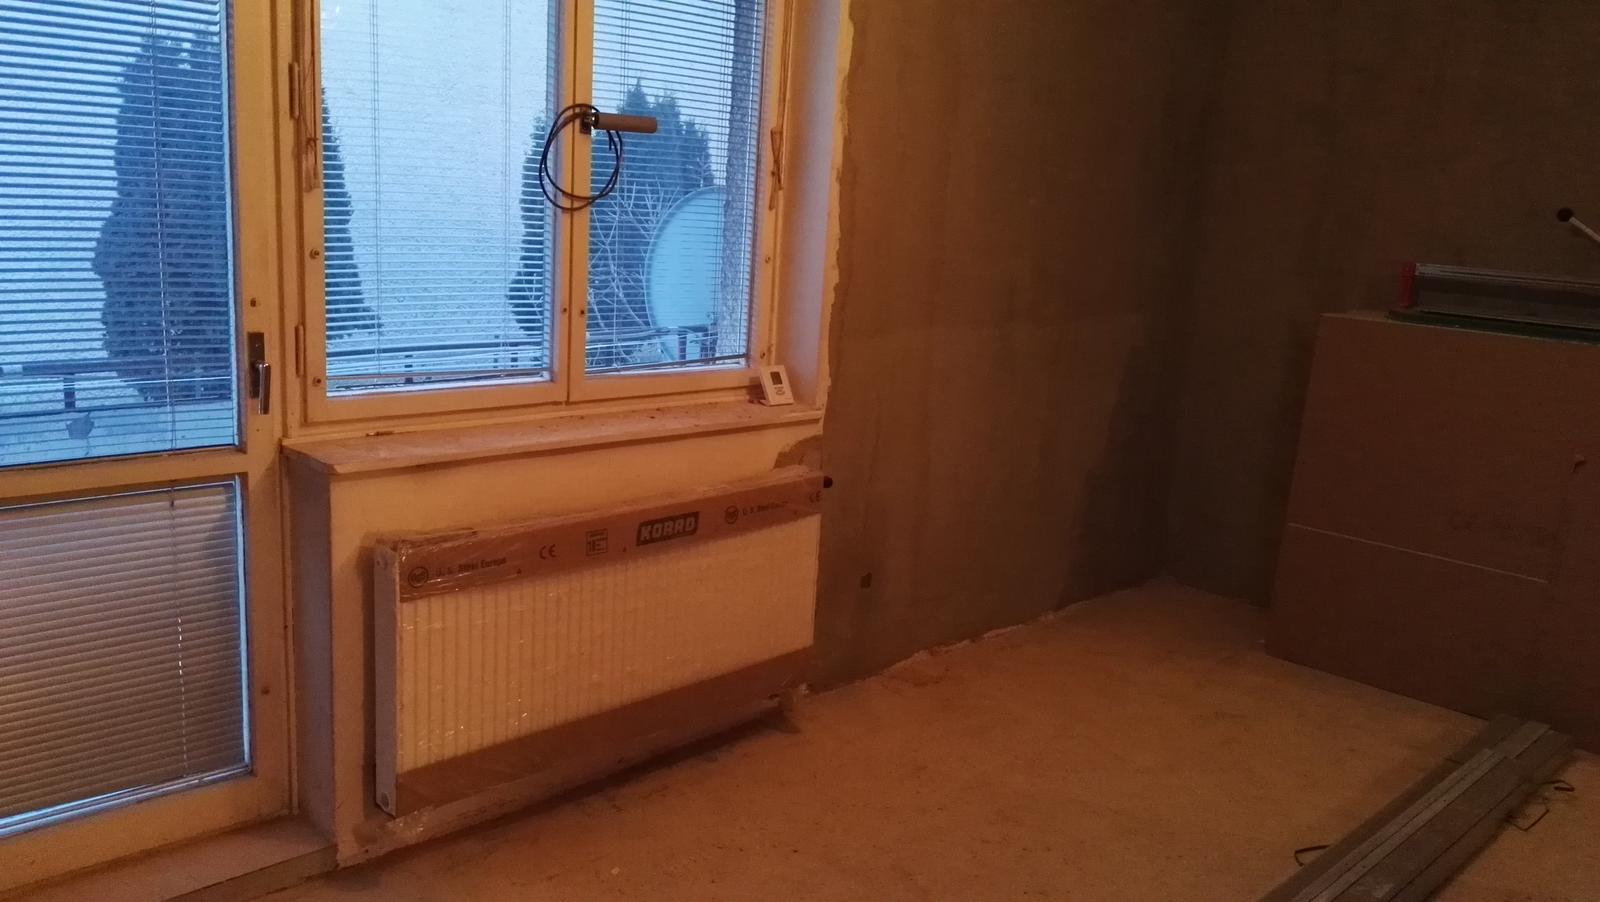 Projekt: Nové bývanie ... - nové rádiatory a už žiadne trubky z kúrenia nevidno, všetko pekne schované...